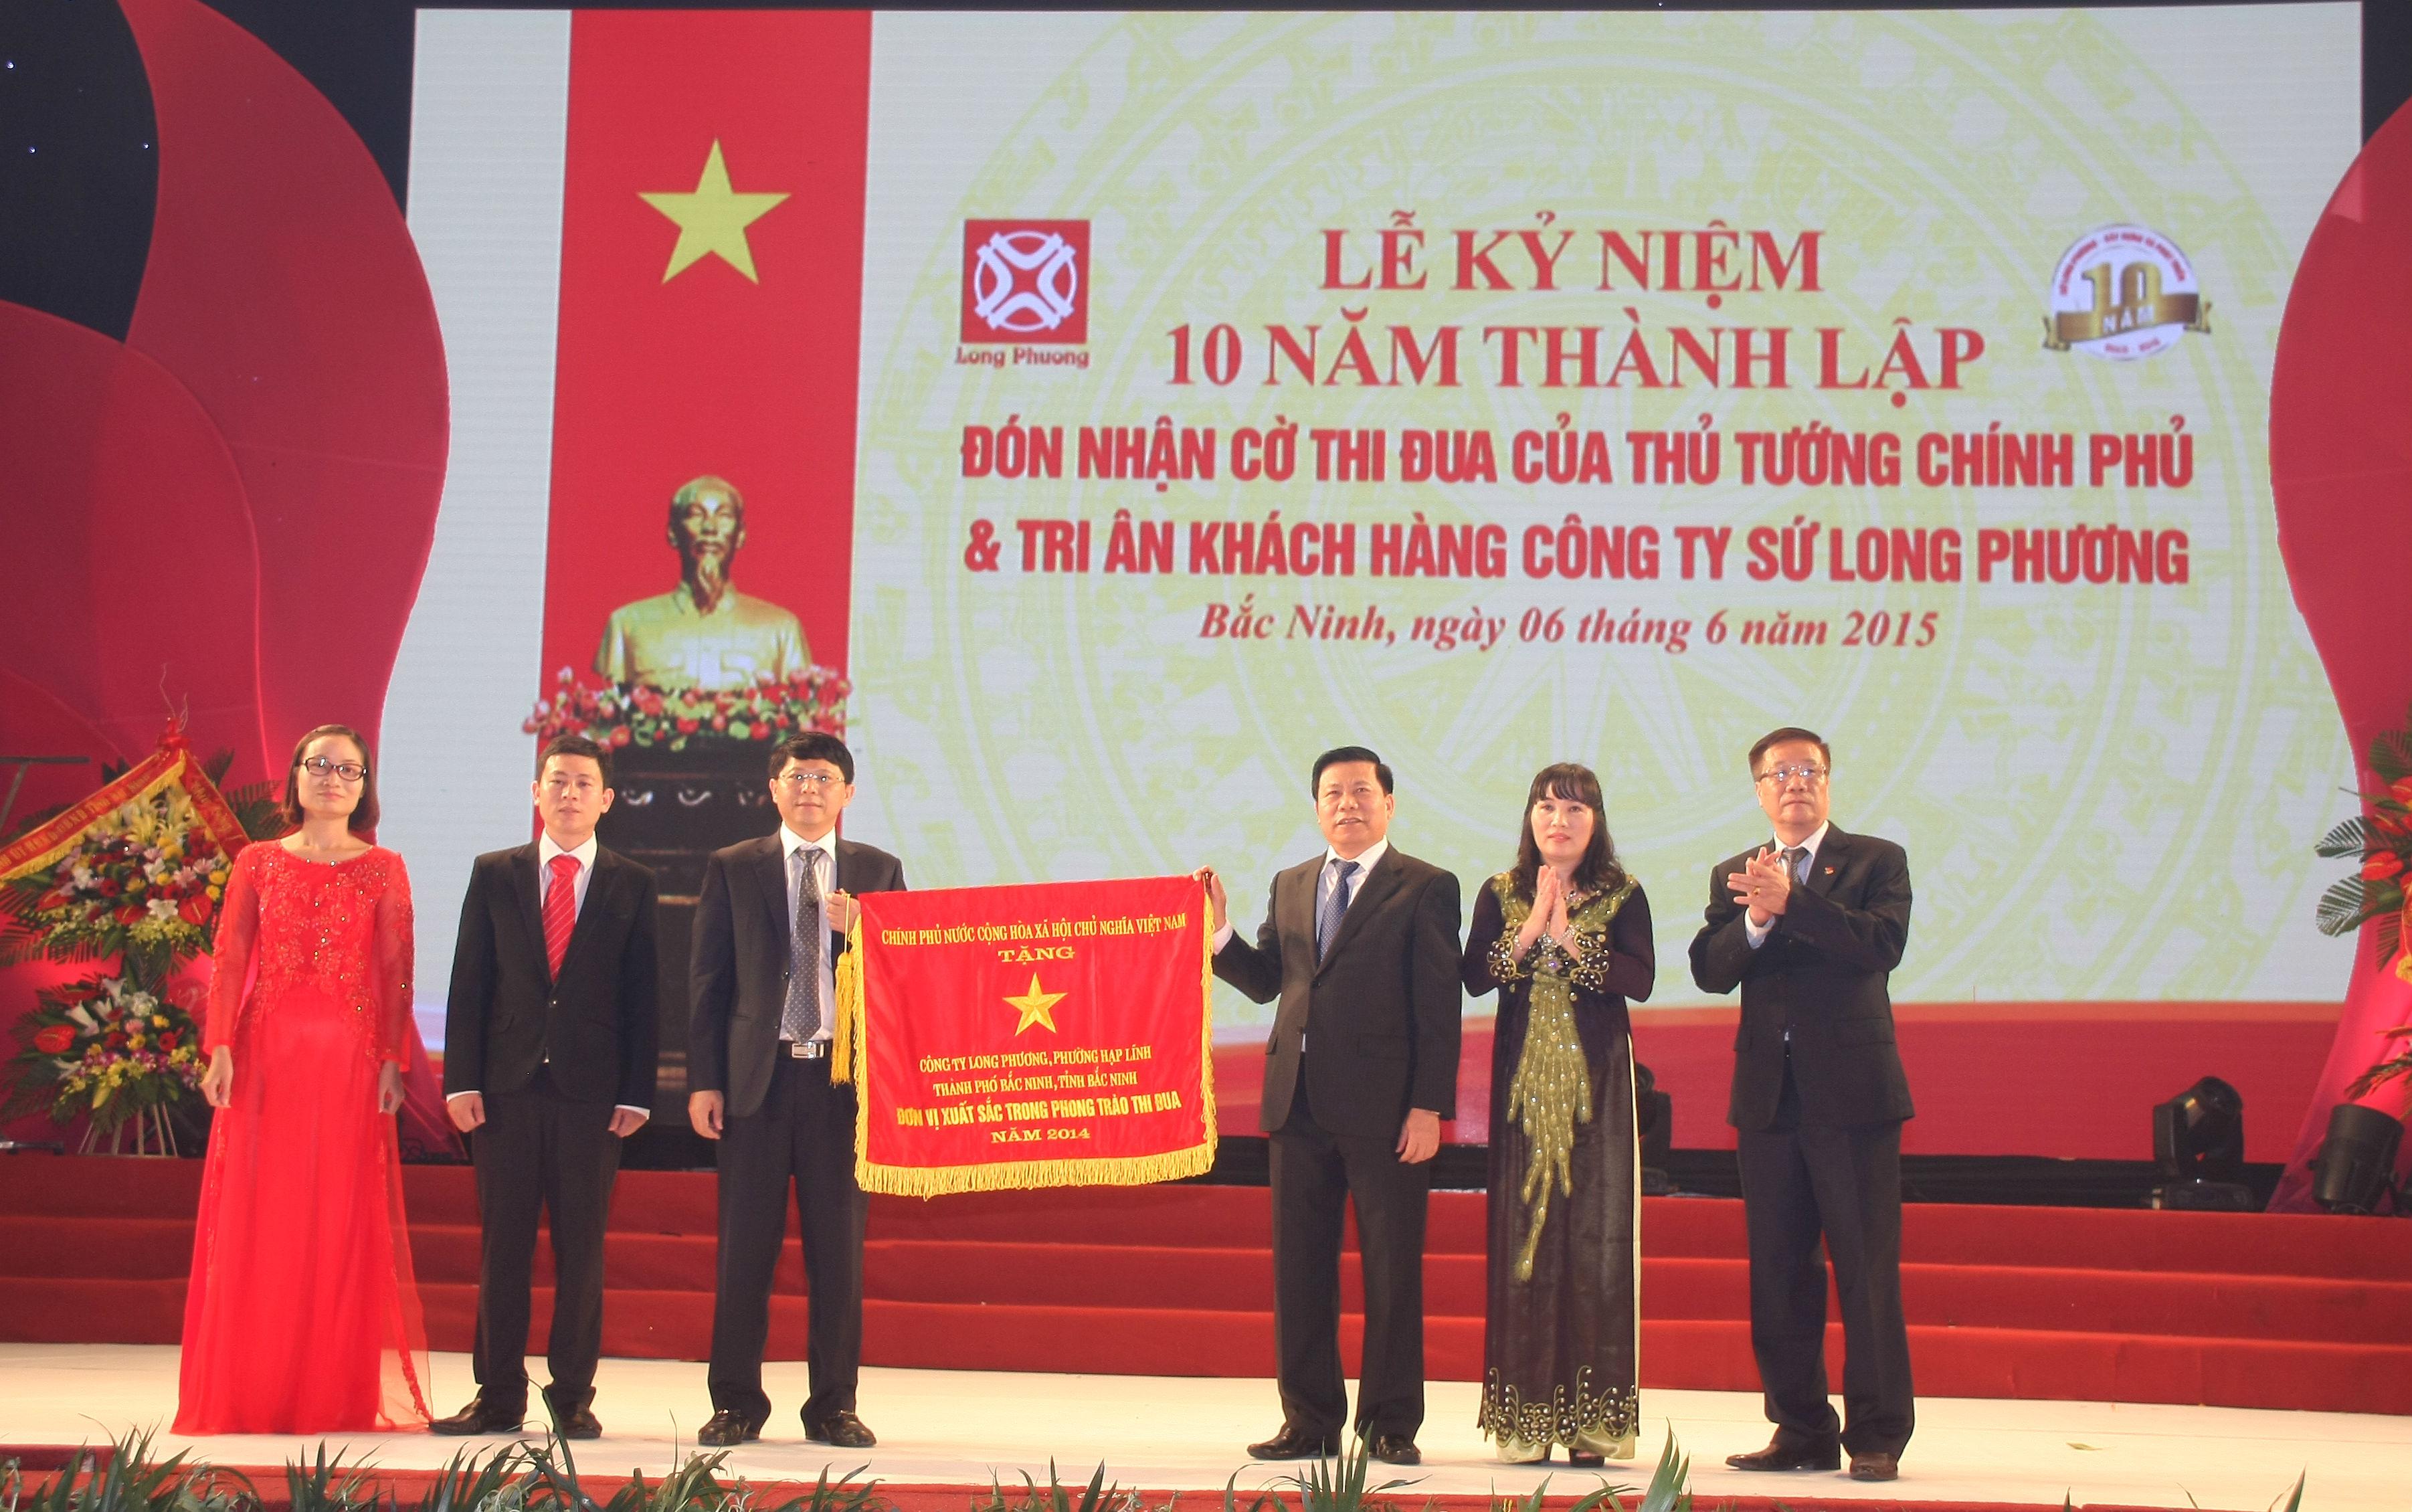 Sứ Long Phương đón nhận Cờ Thi đua của Thủ tướng Chính phủ